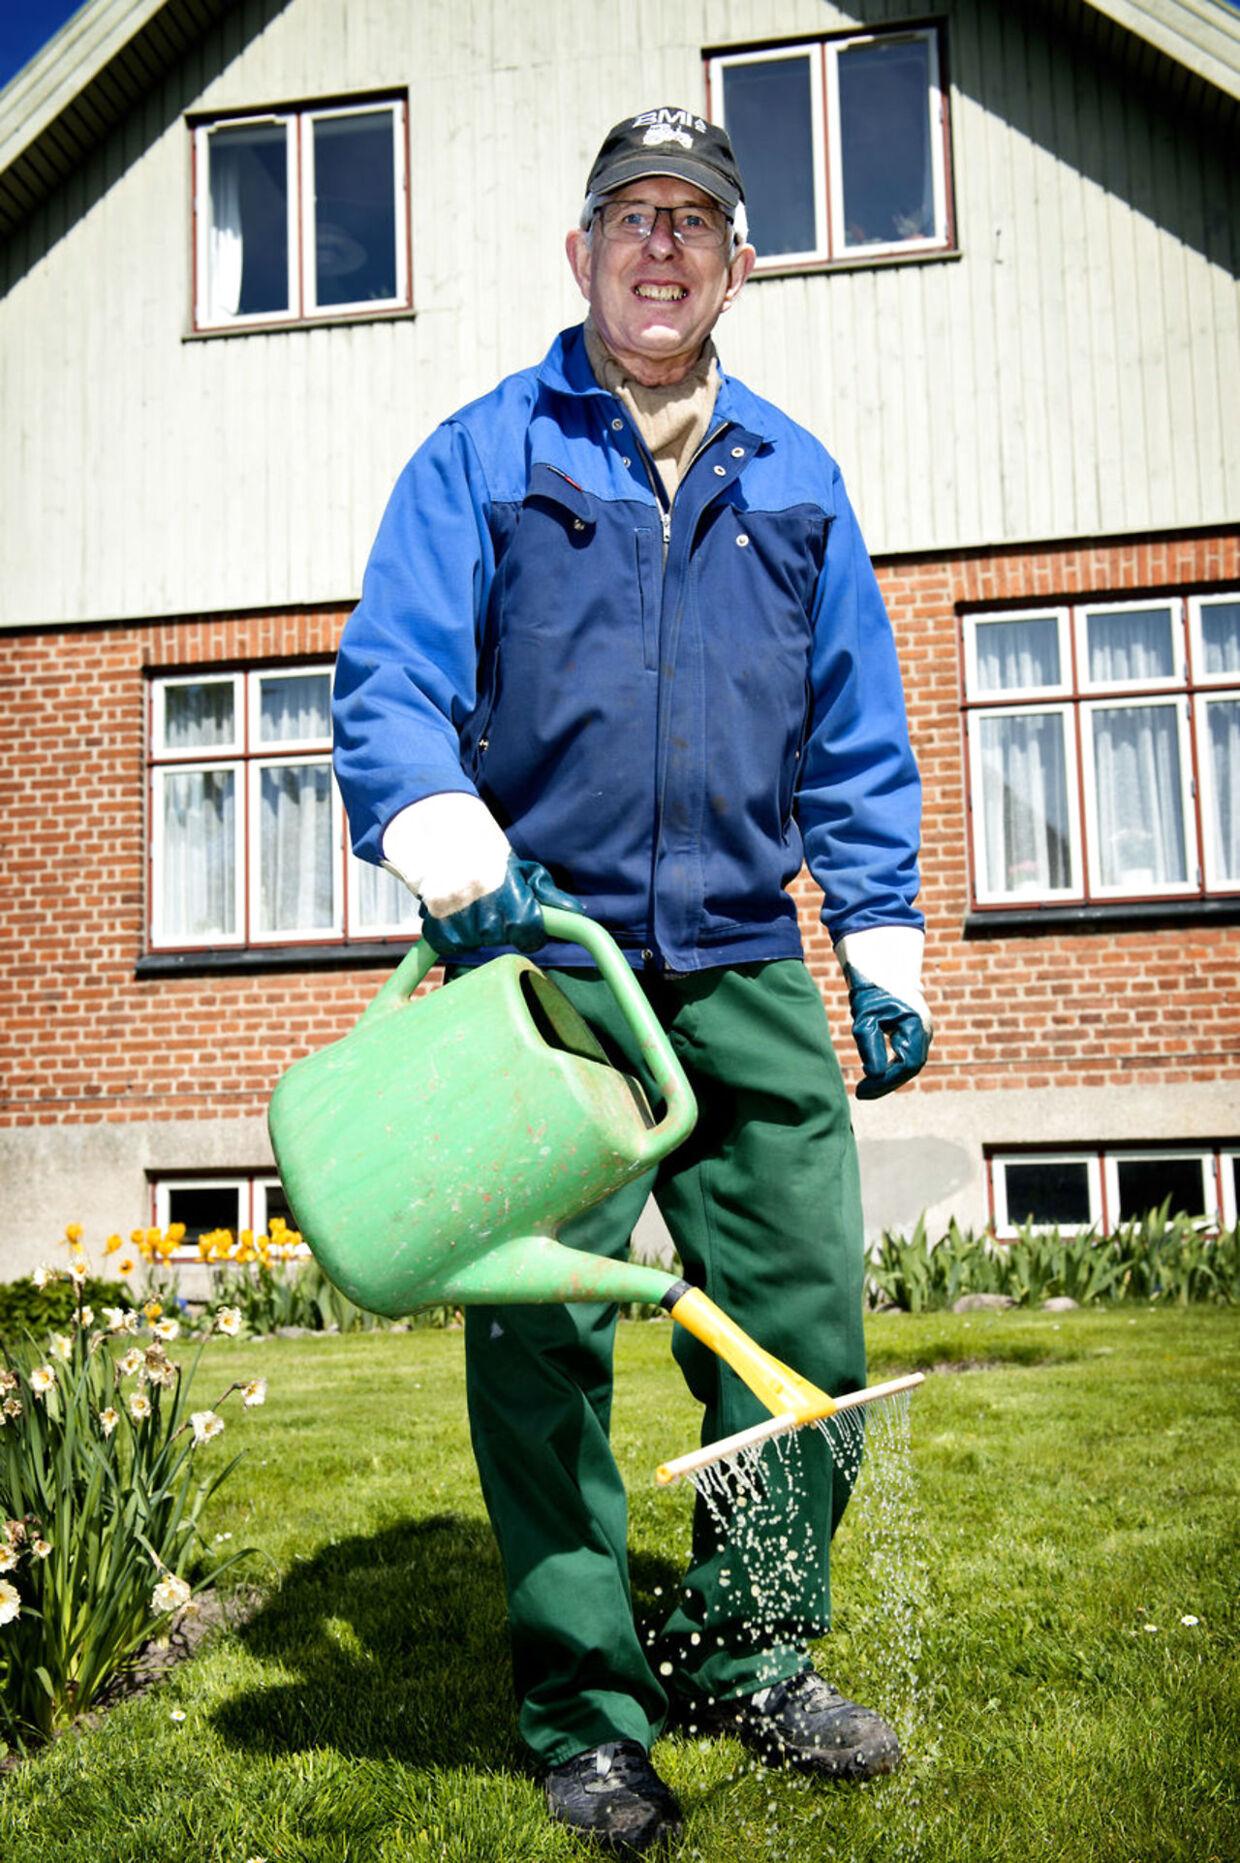 Alex Eriksen, pensionist og boligejer i Vanløse: »Jeg ser ikke så sort på det. Vi må alle bidrage, og det er ikke så slemt. Vi får meget for den skat vi betaler.« (Foto: Nils Meilvang)